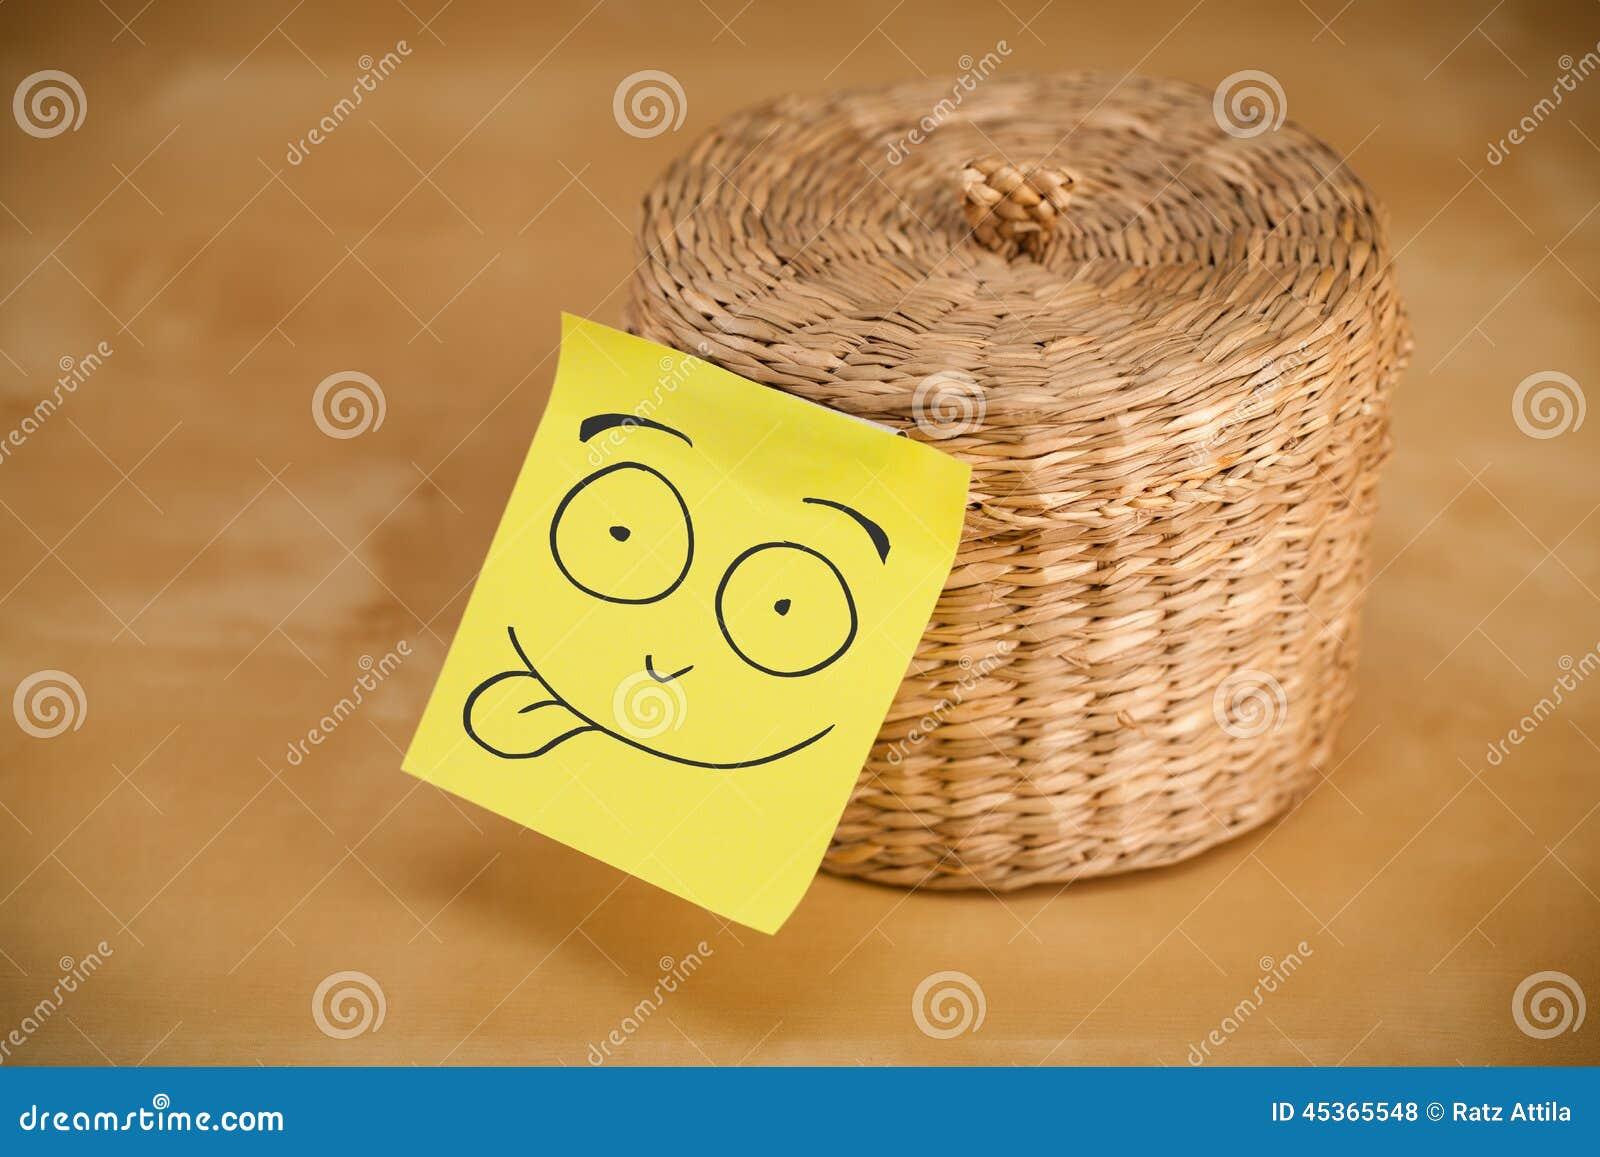 La note de post-it avec le visage souriant sticked sur une boîte à bijoux